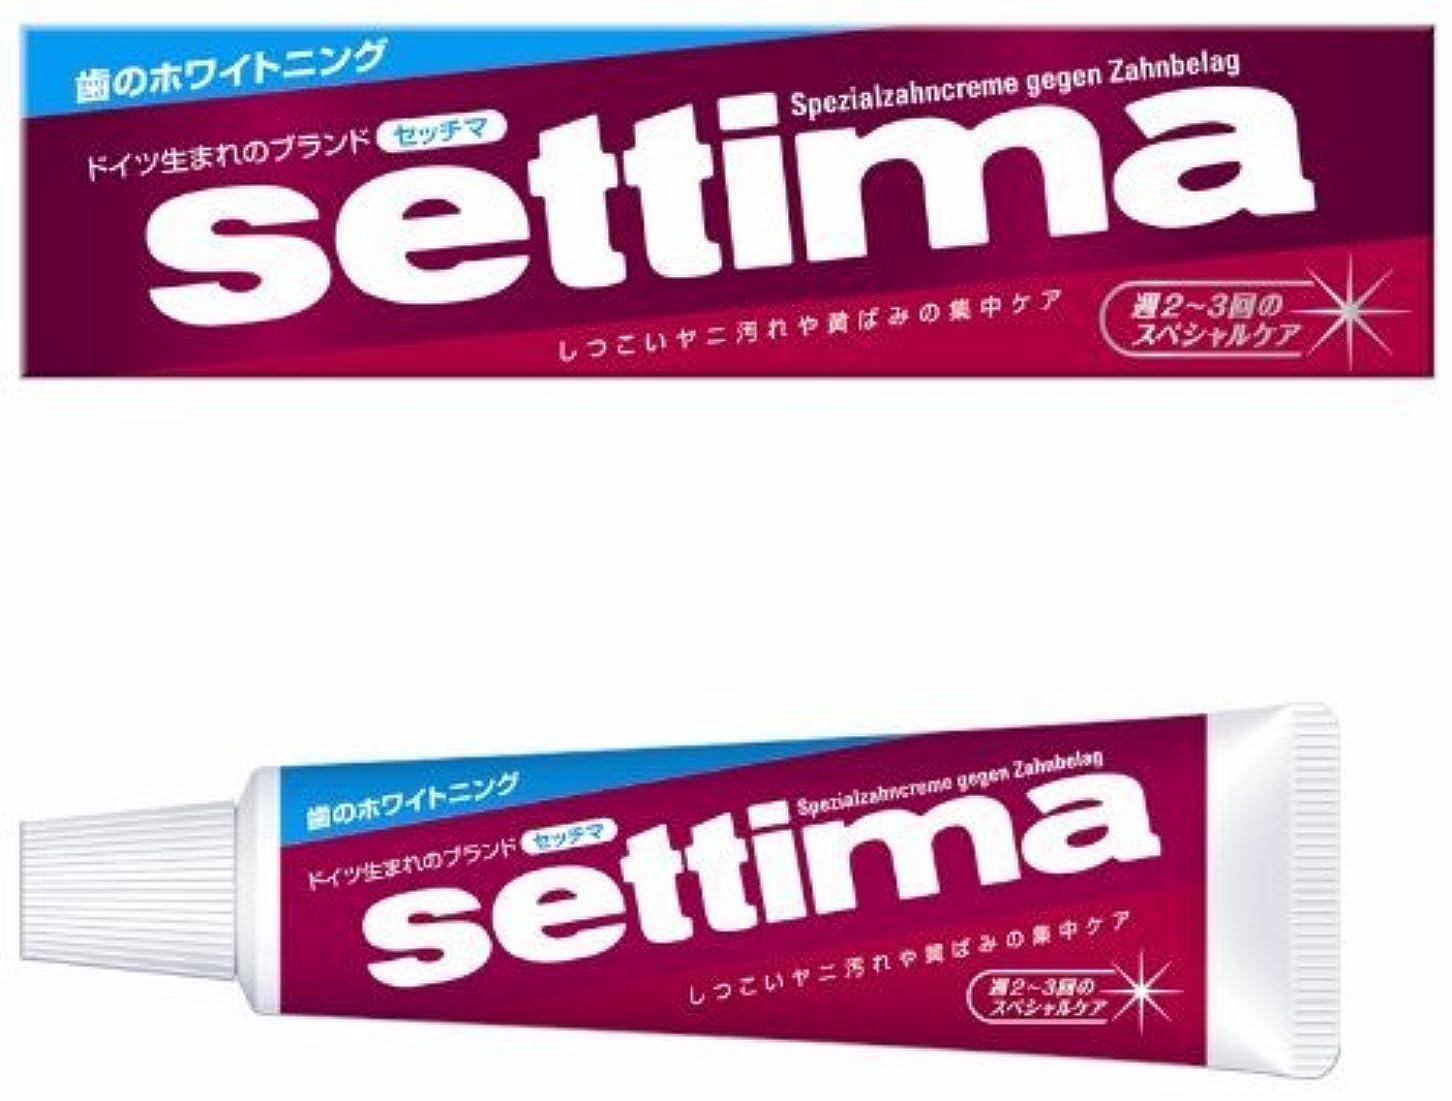 手段復活させる肯定的settima(セッチマ) はみがき スペシャル (箱タイプ) 40g